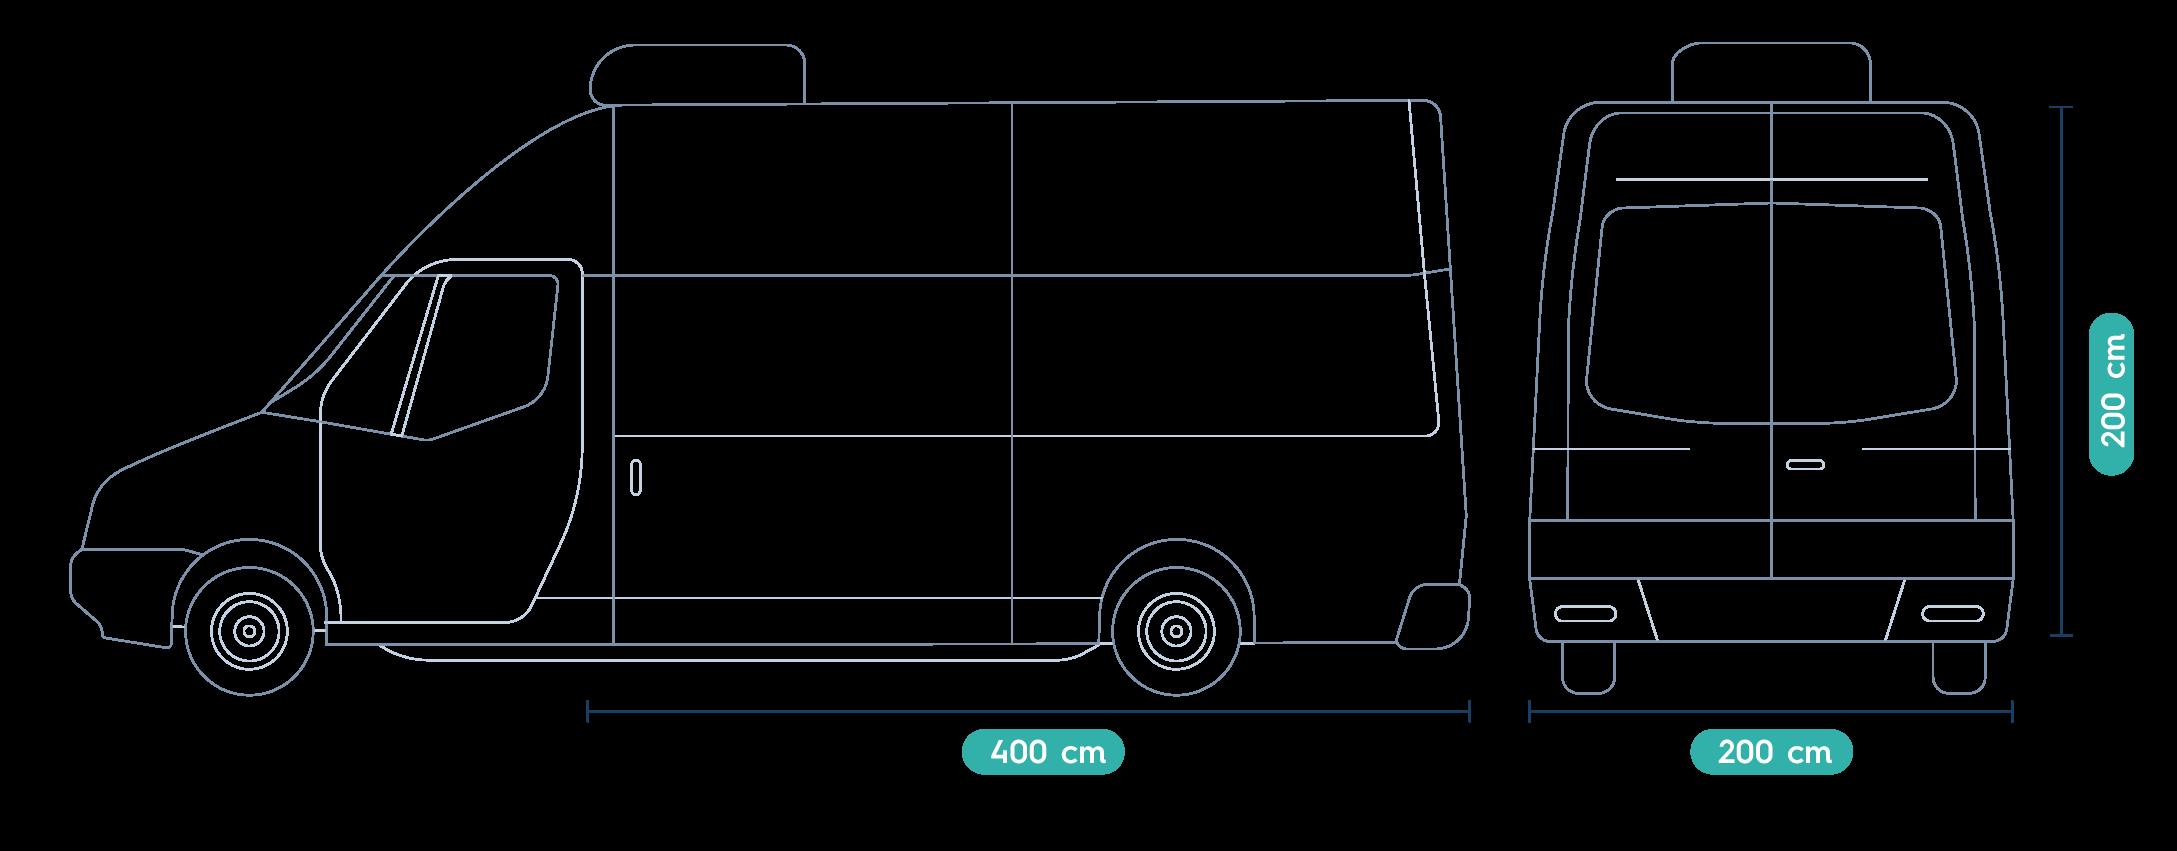 jbg-trans-truck_03@2x